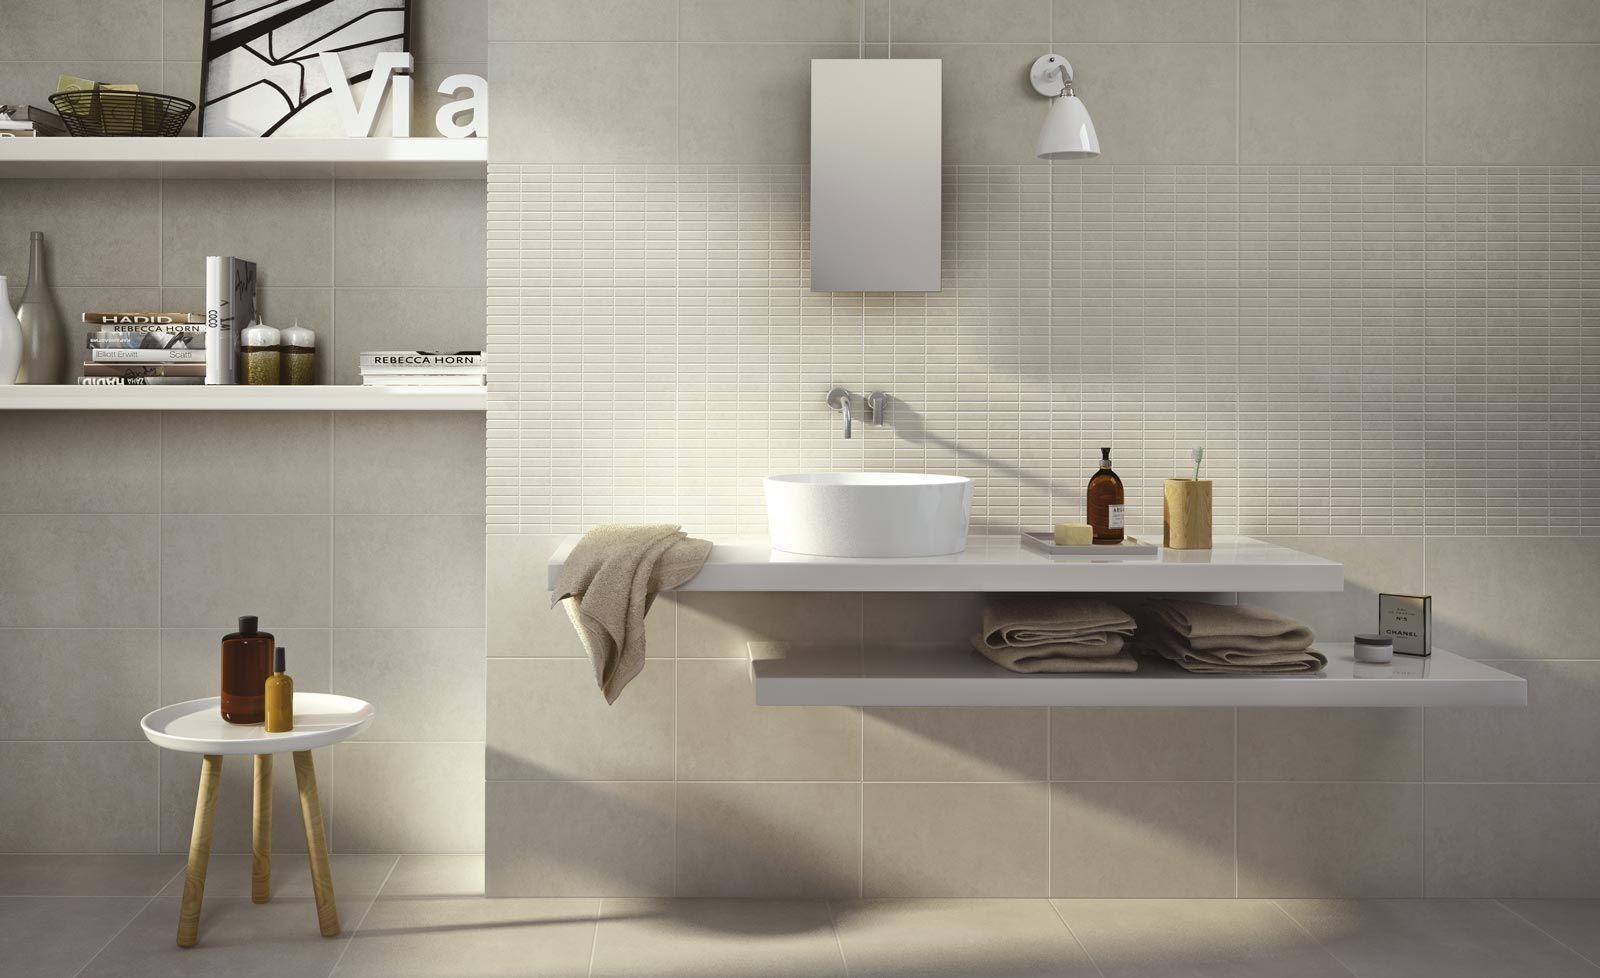 Casablanca mattonelle rivestimenti bagno e cucina - Mattonelle per bagno ...